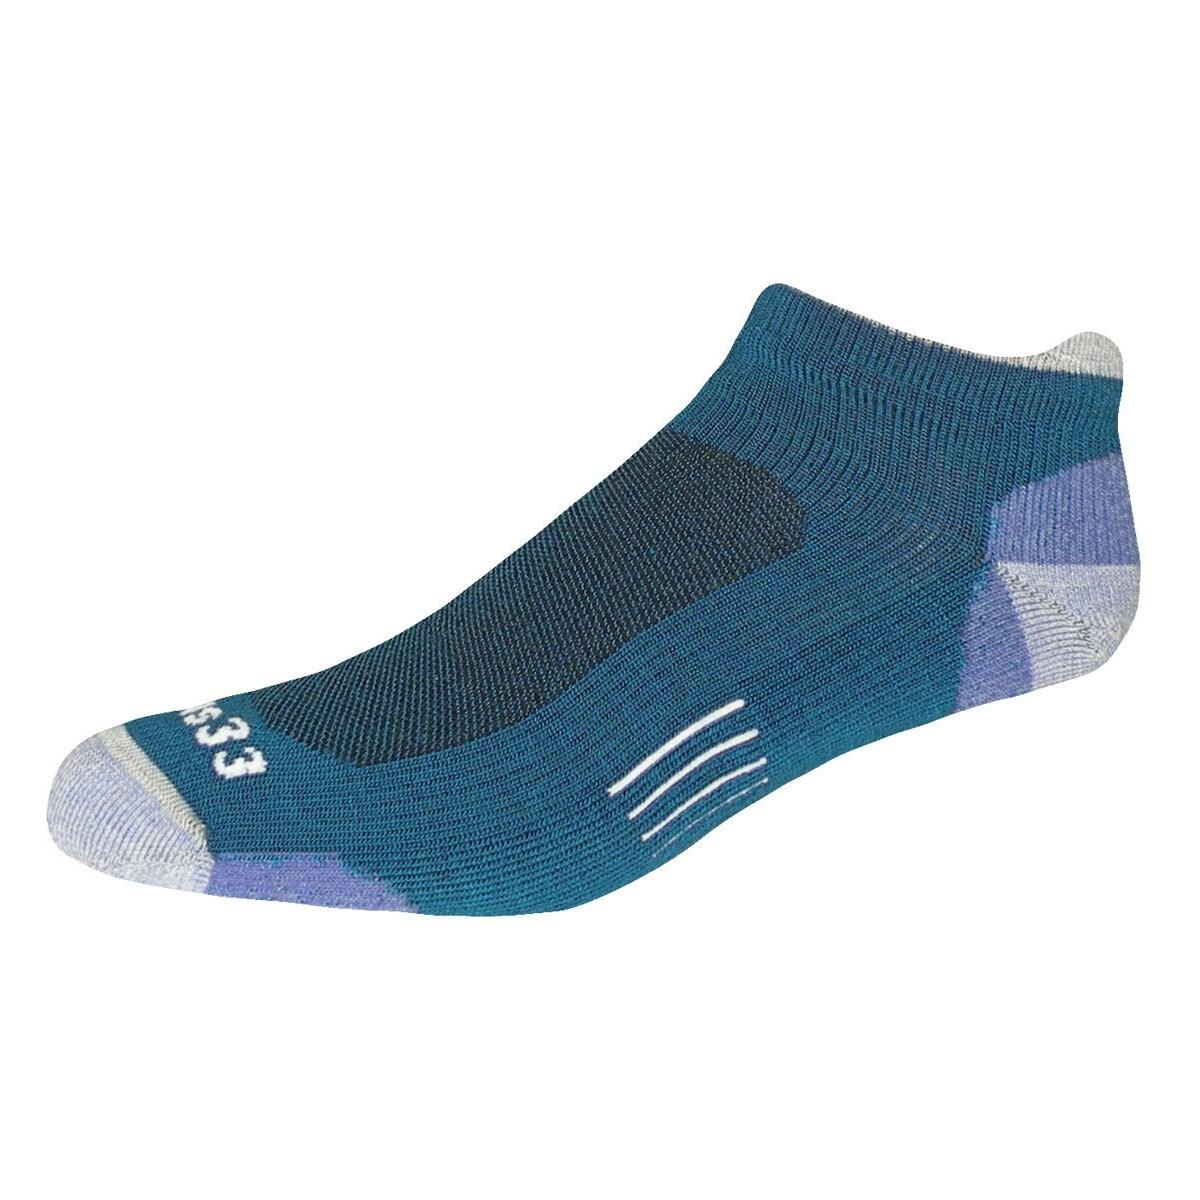 Minus33 Merino Light Trek Runner Socks (Autumn Red Medium...